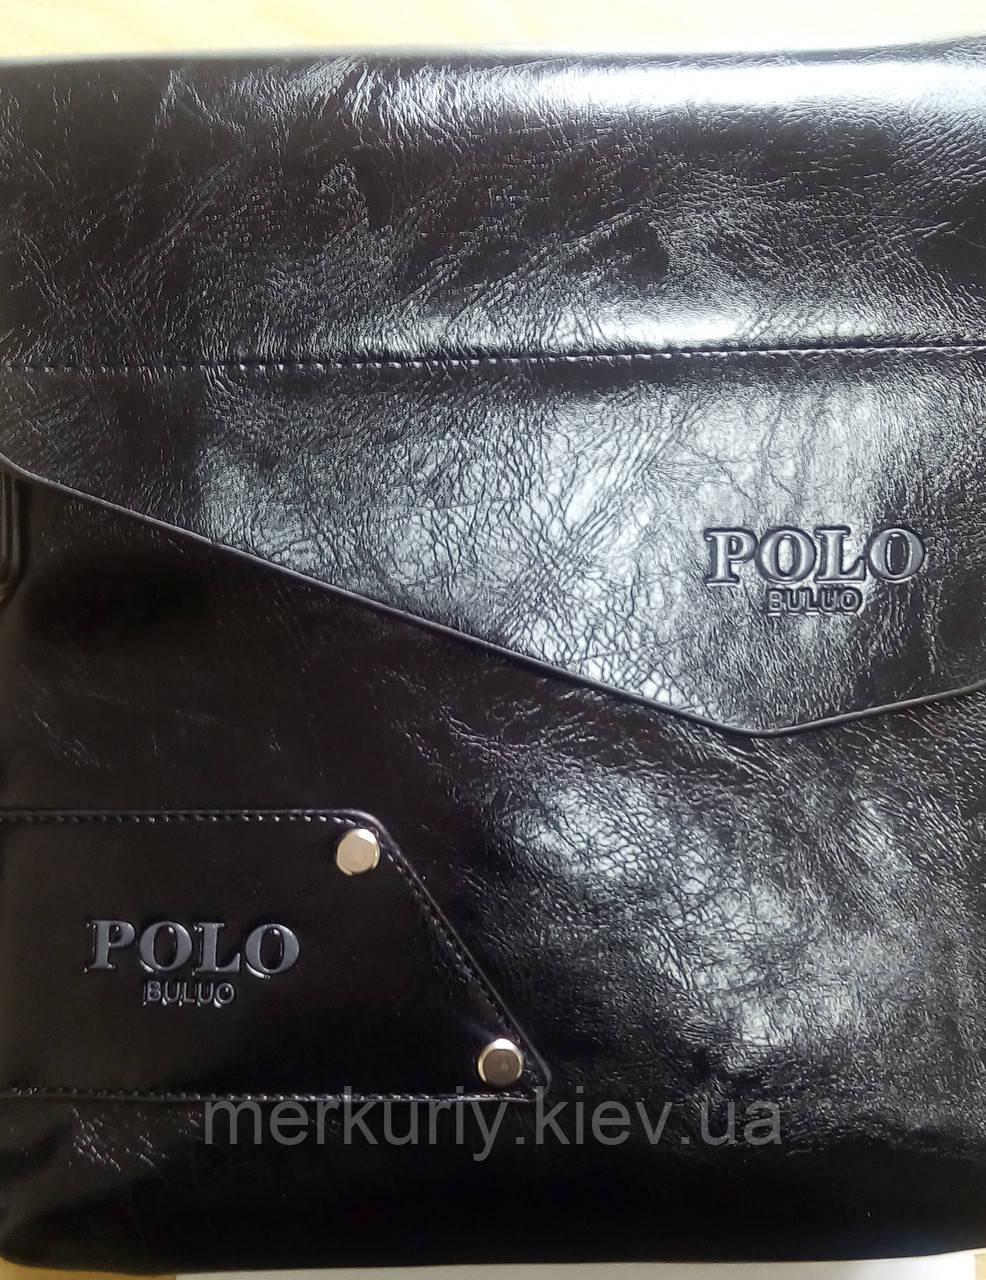 Мужская сумка POLO BULUO, черная